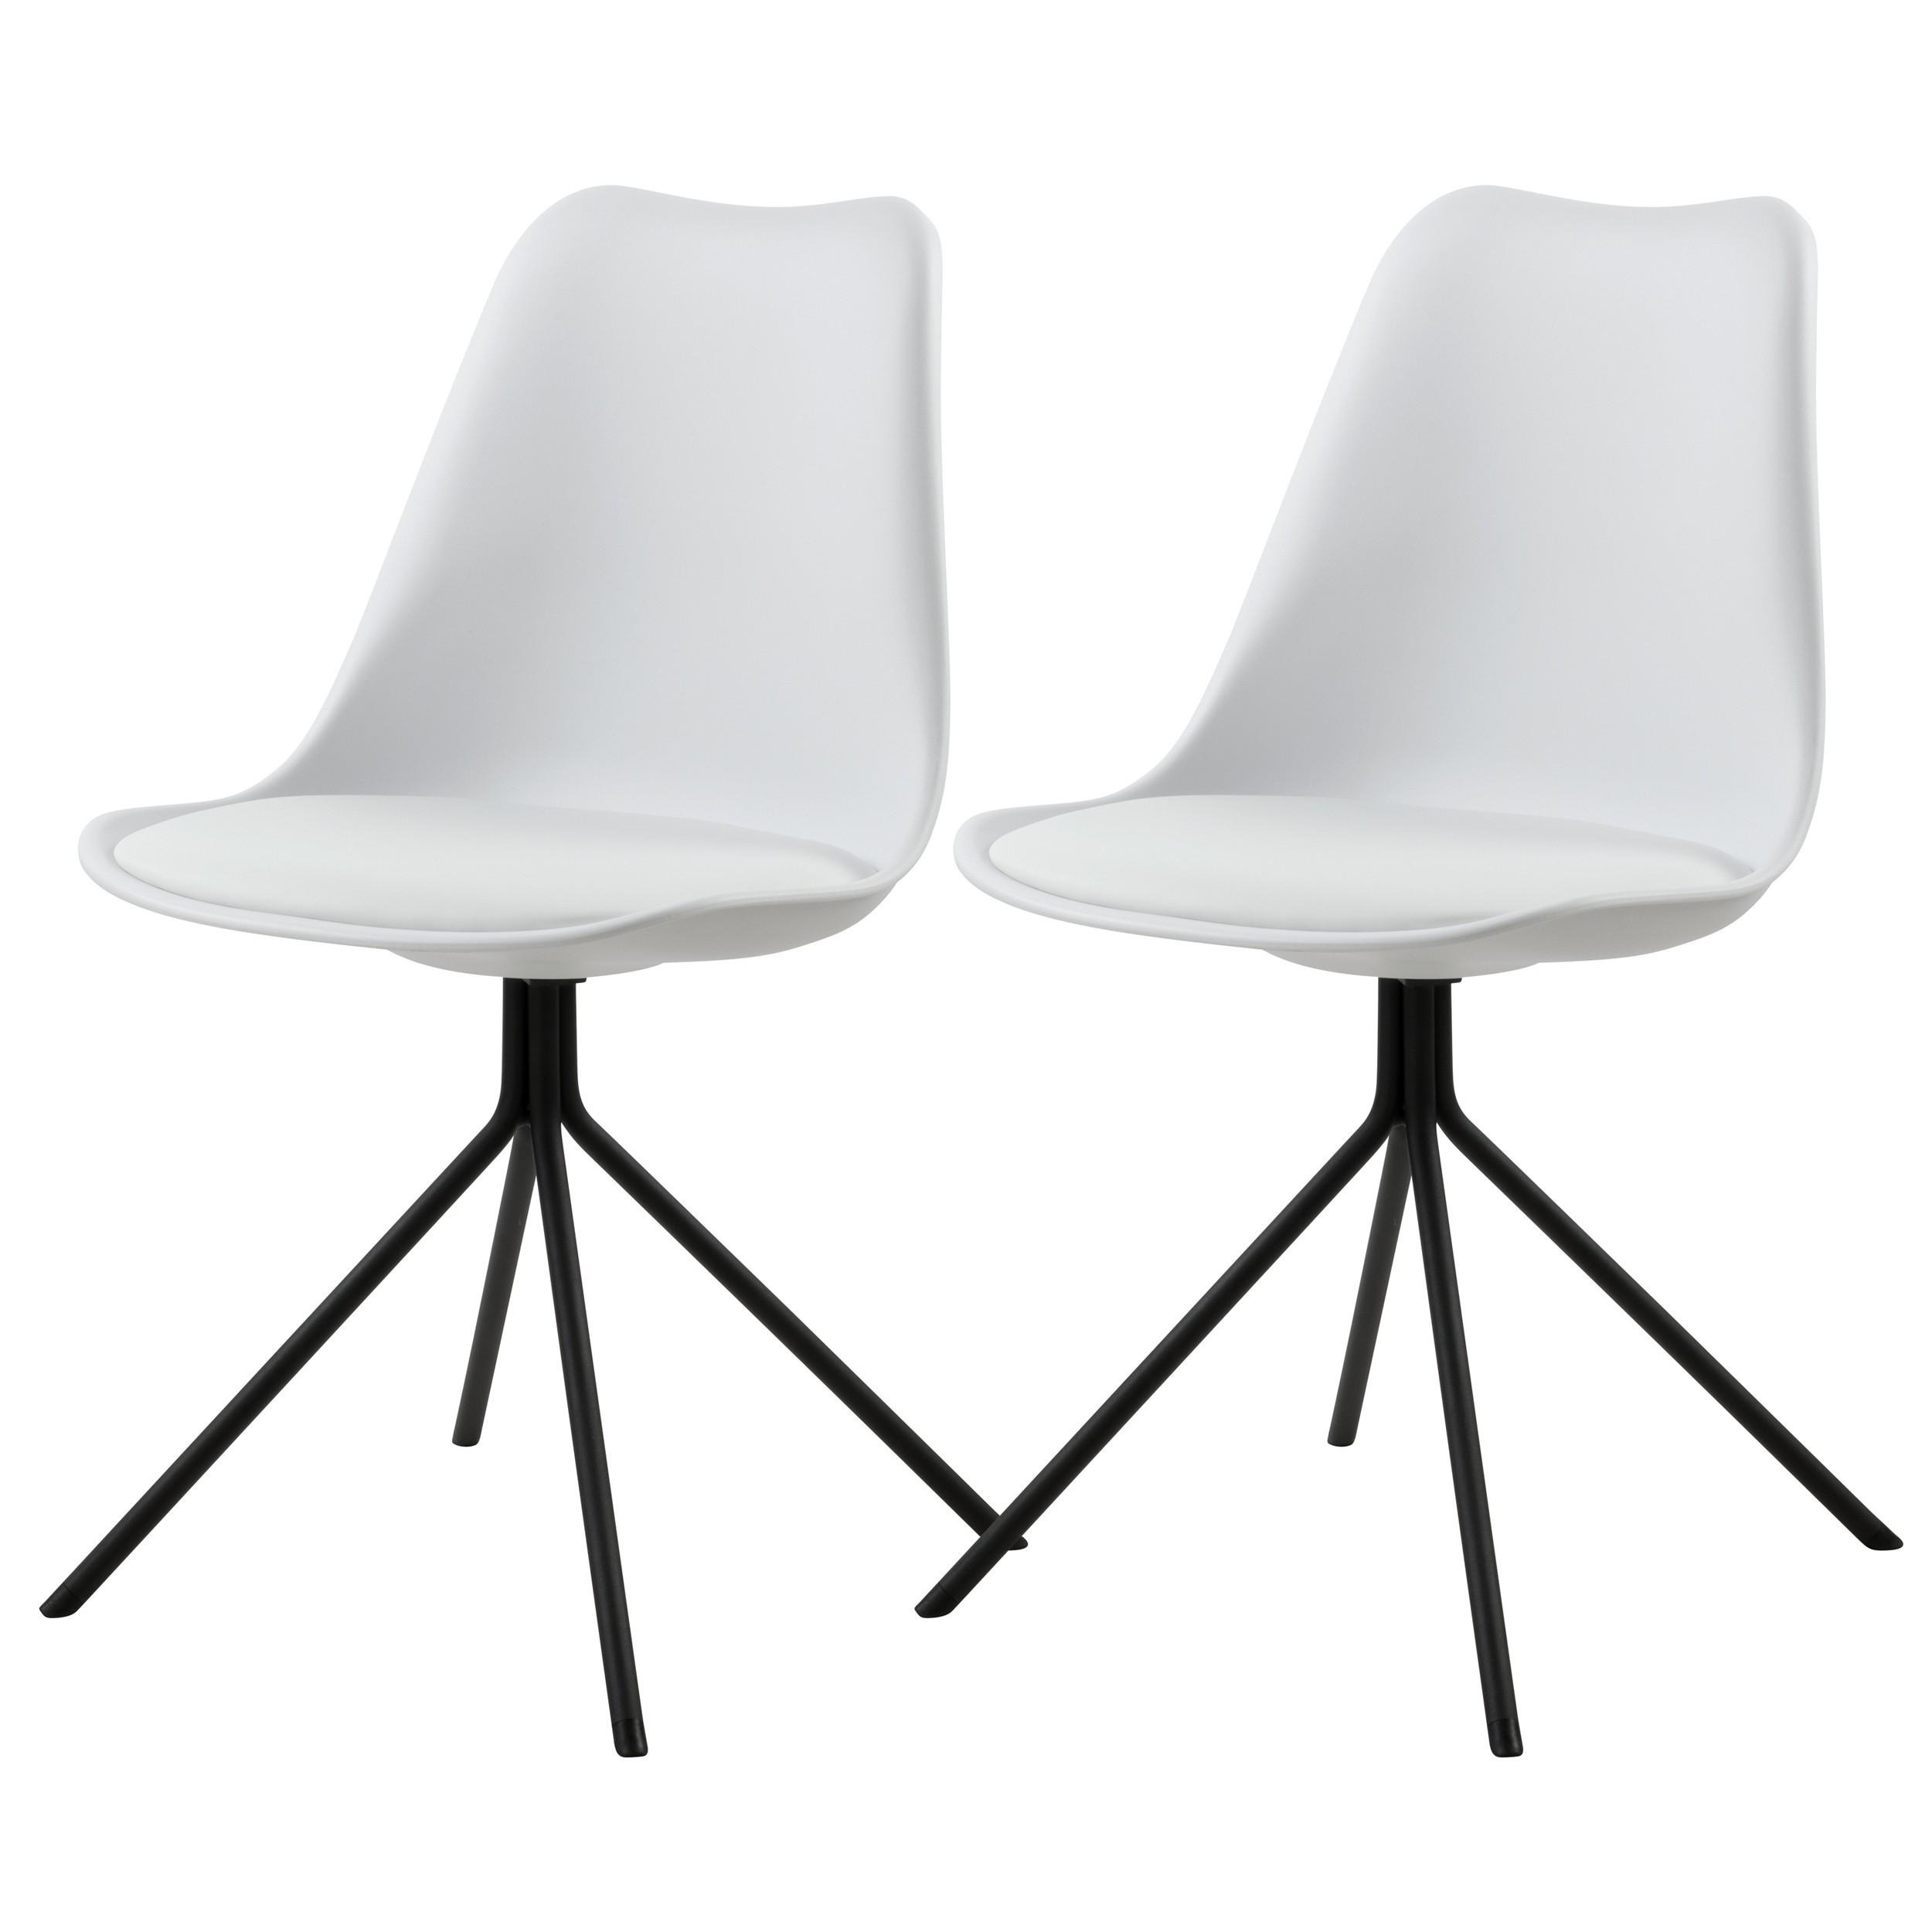 acheter chaise lot de 2 blanches